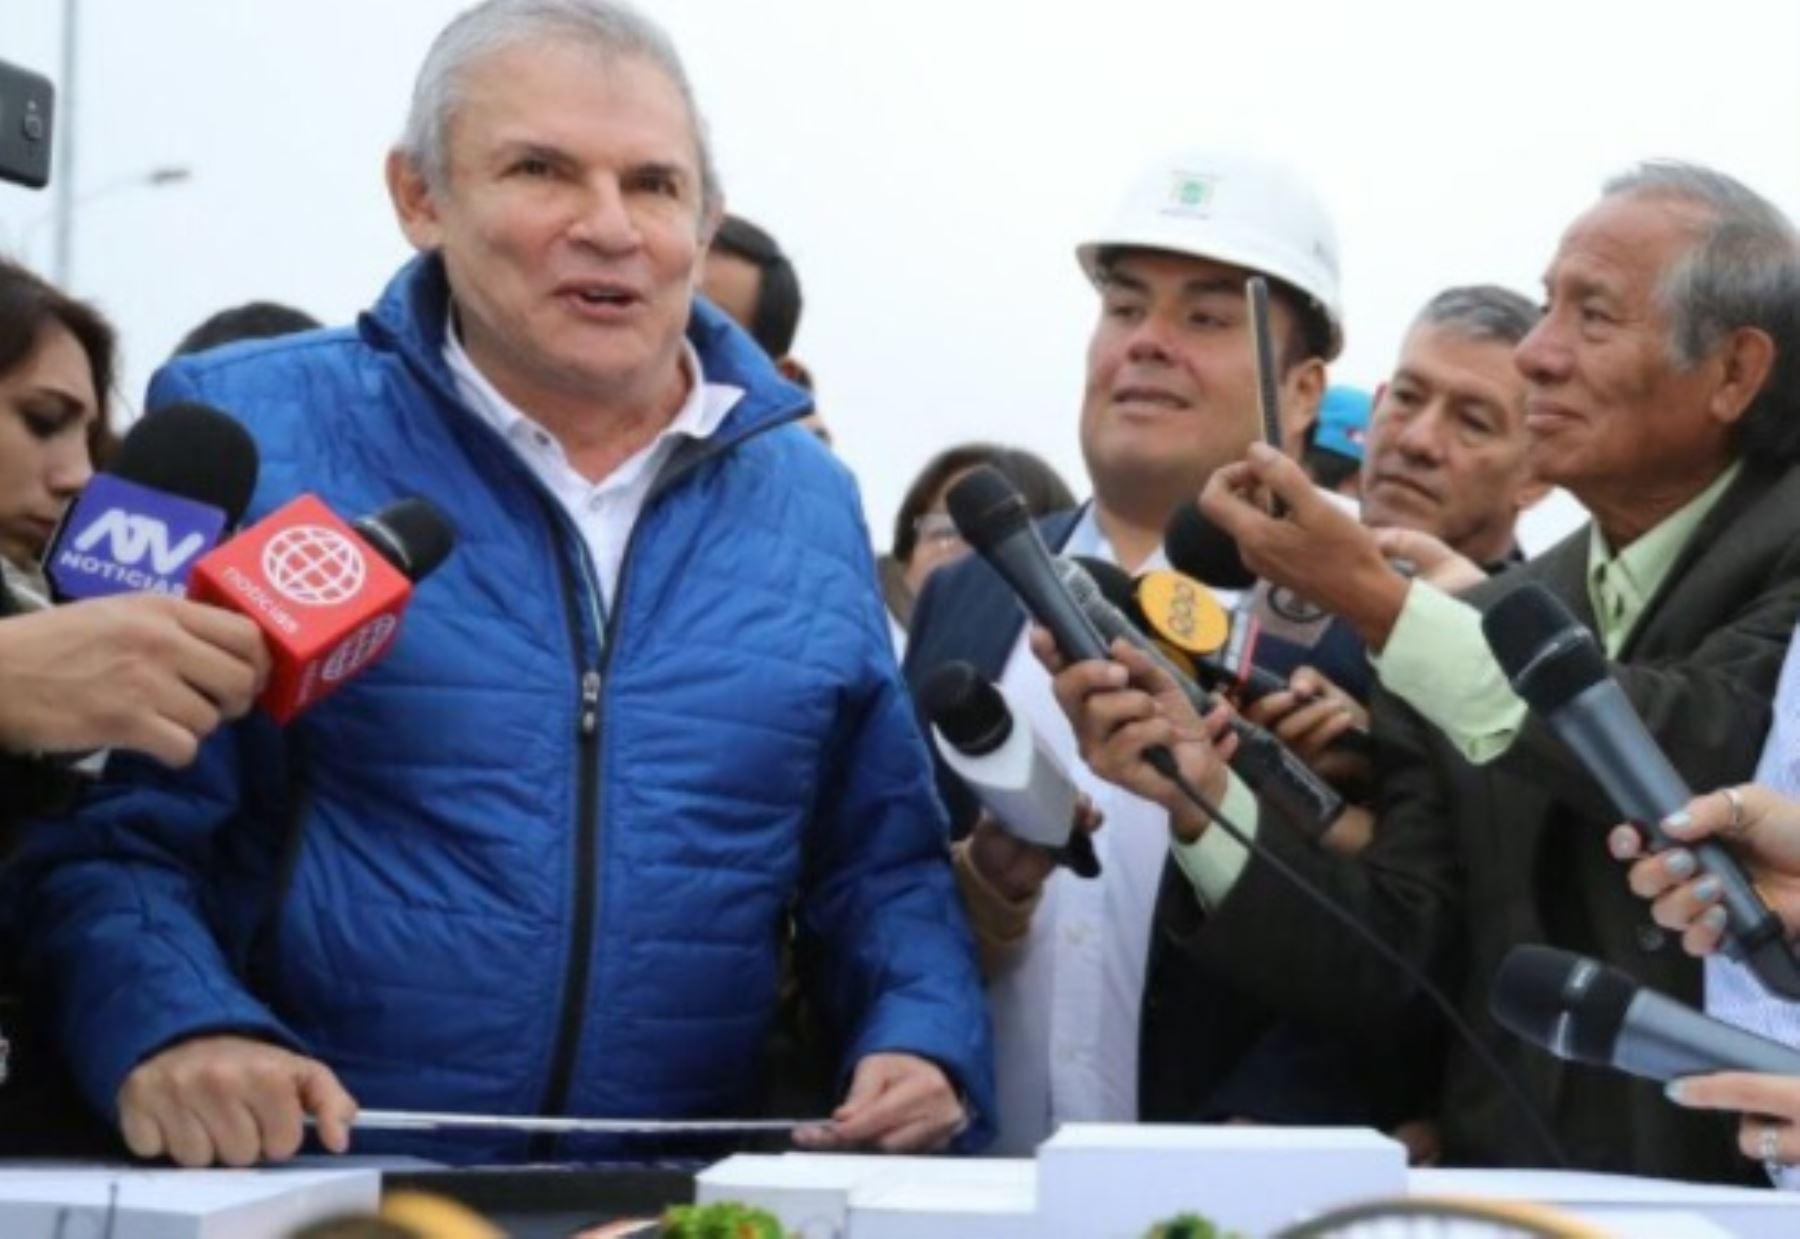 Alcalde de Lima declaró durante apertura de puente Bella Unión. Foto: MML